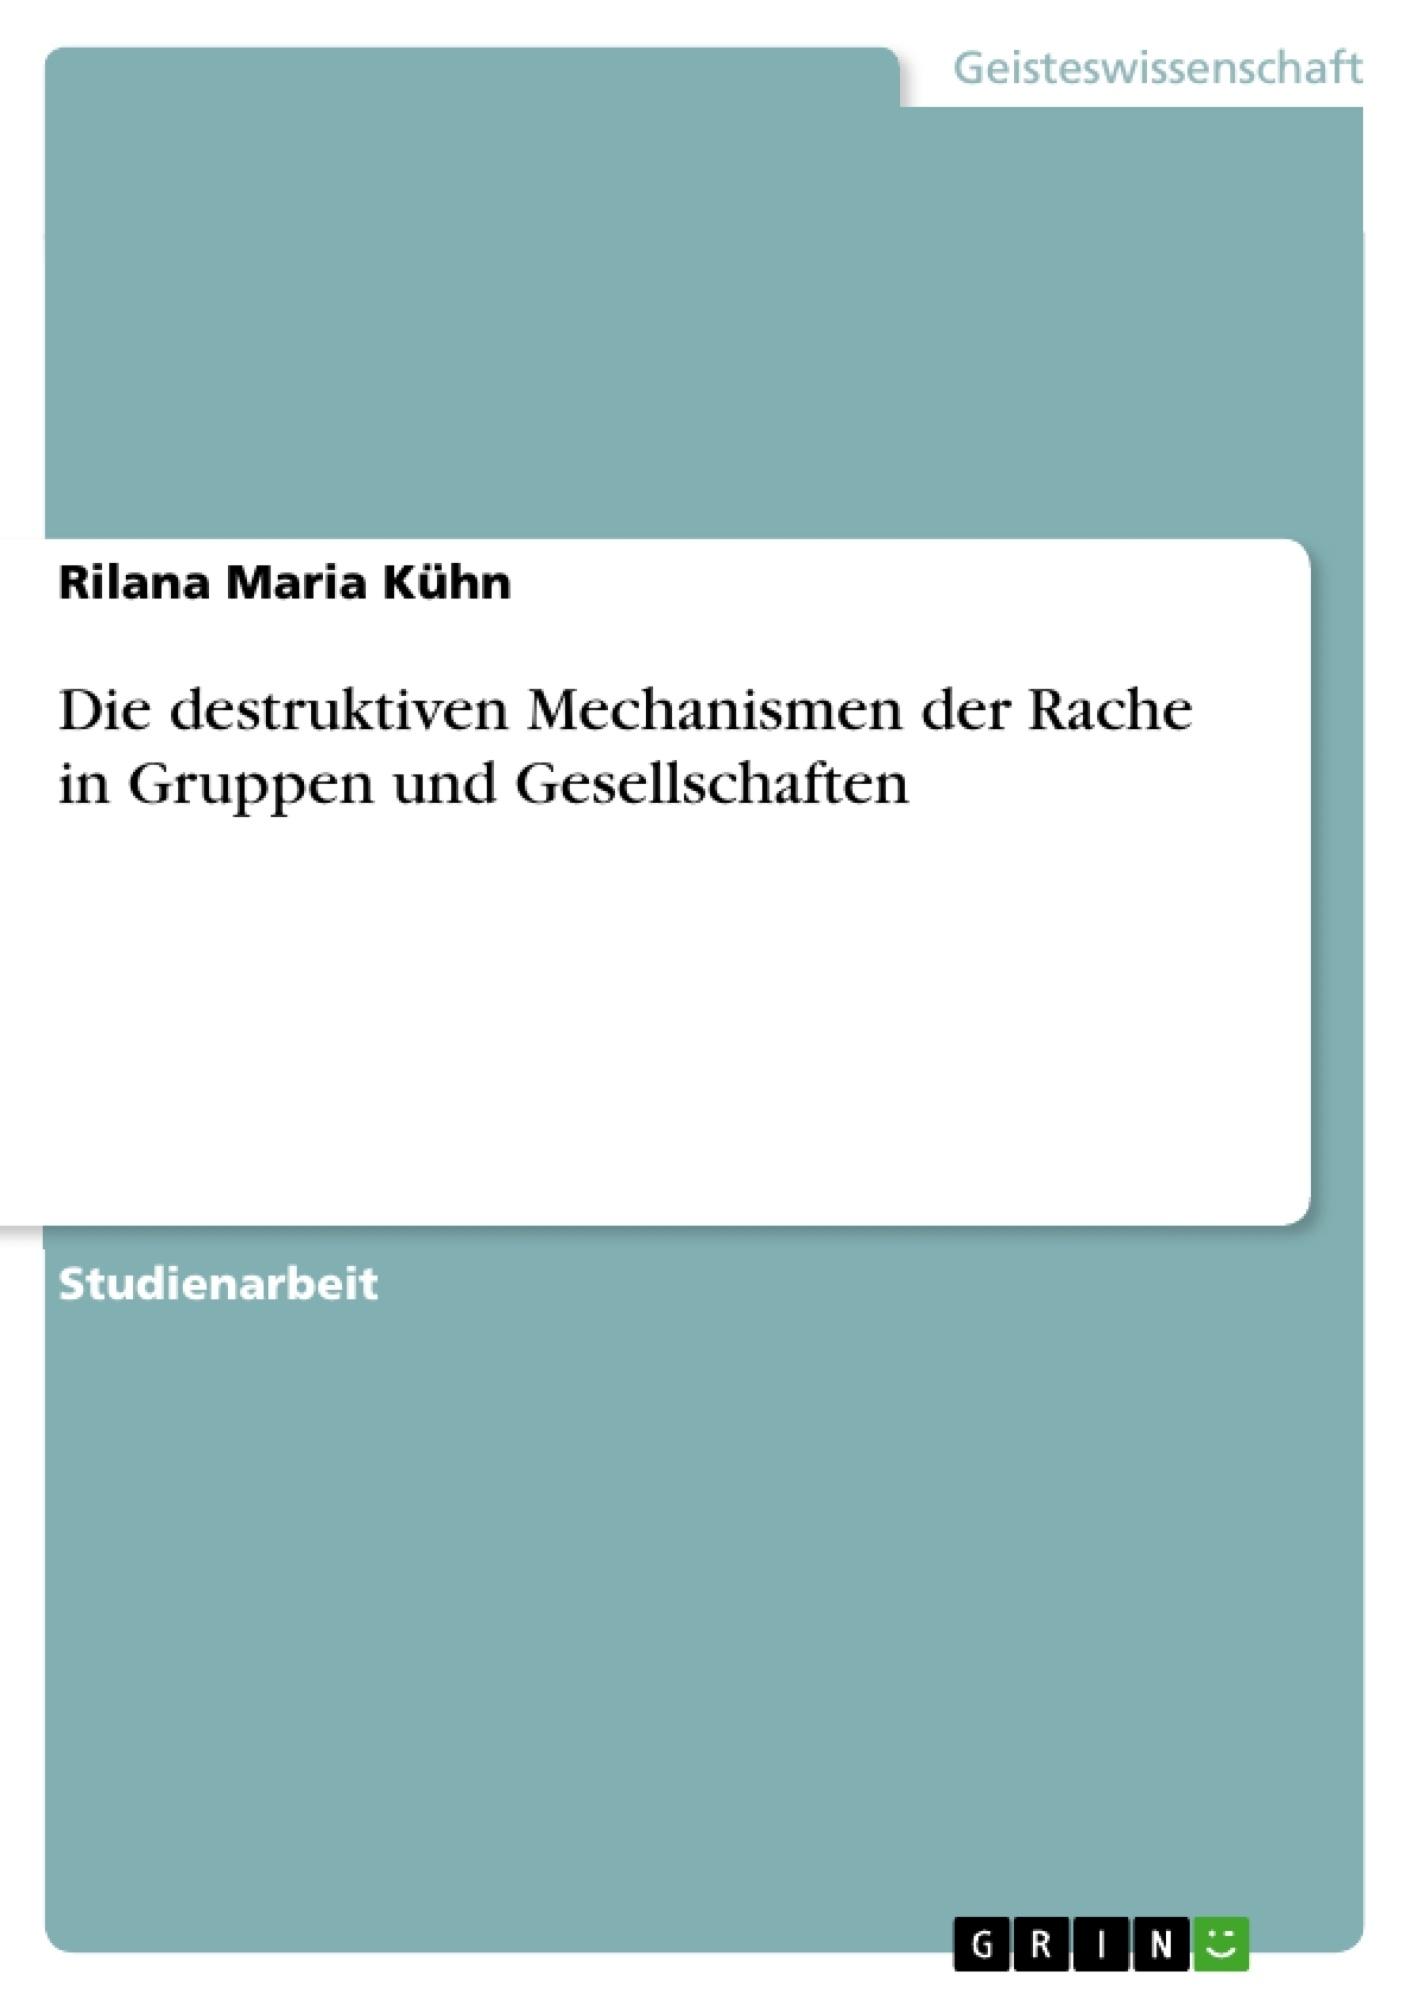 Titel: Die destruktiven Mechanismen der Rache in Gruppen und Gesellschaften